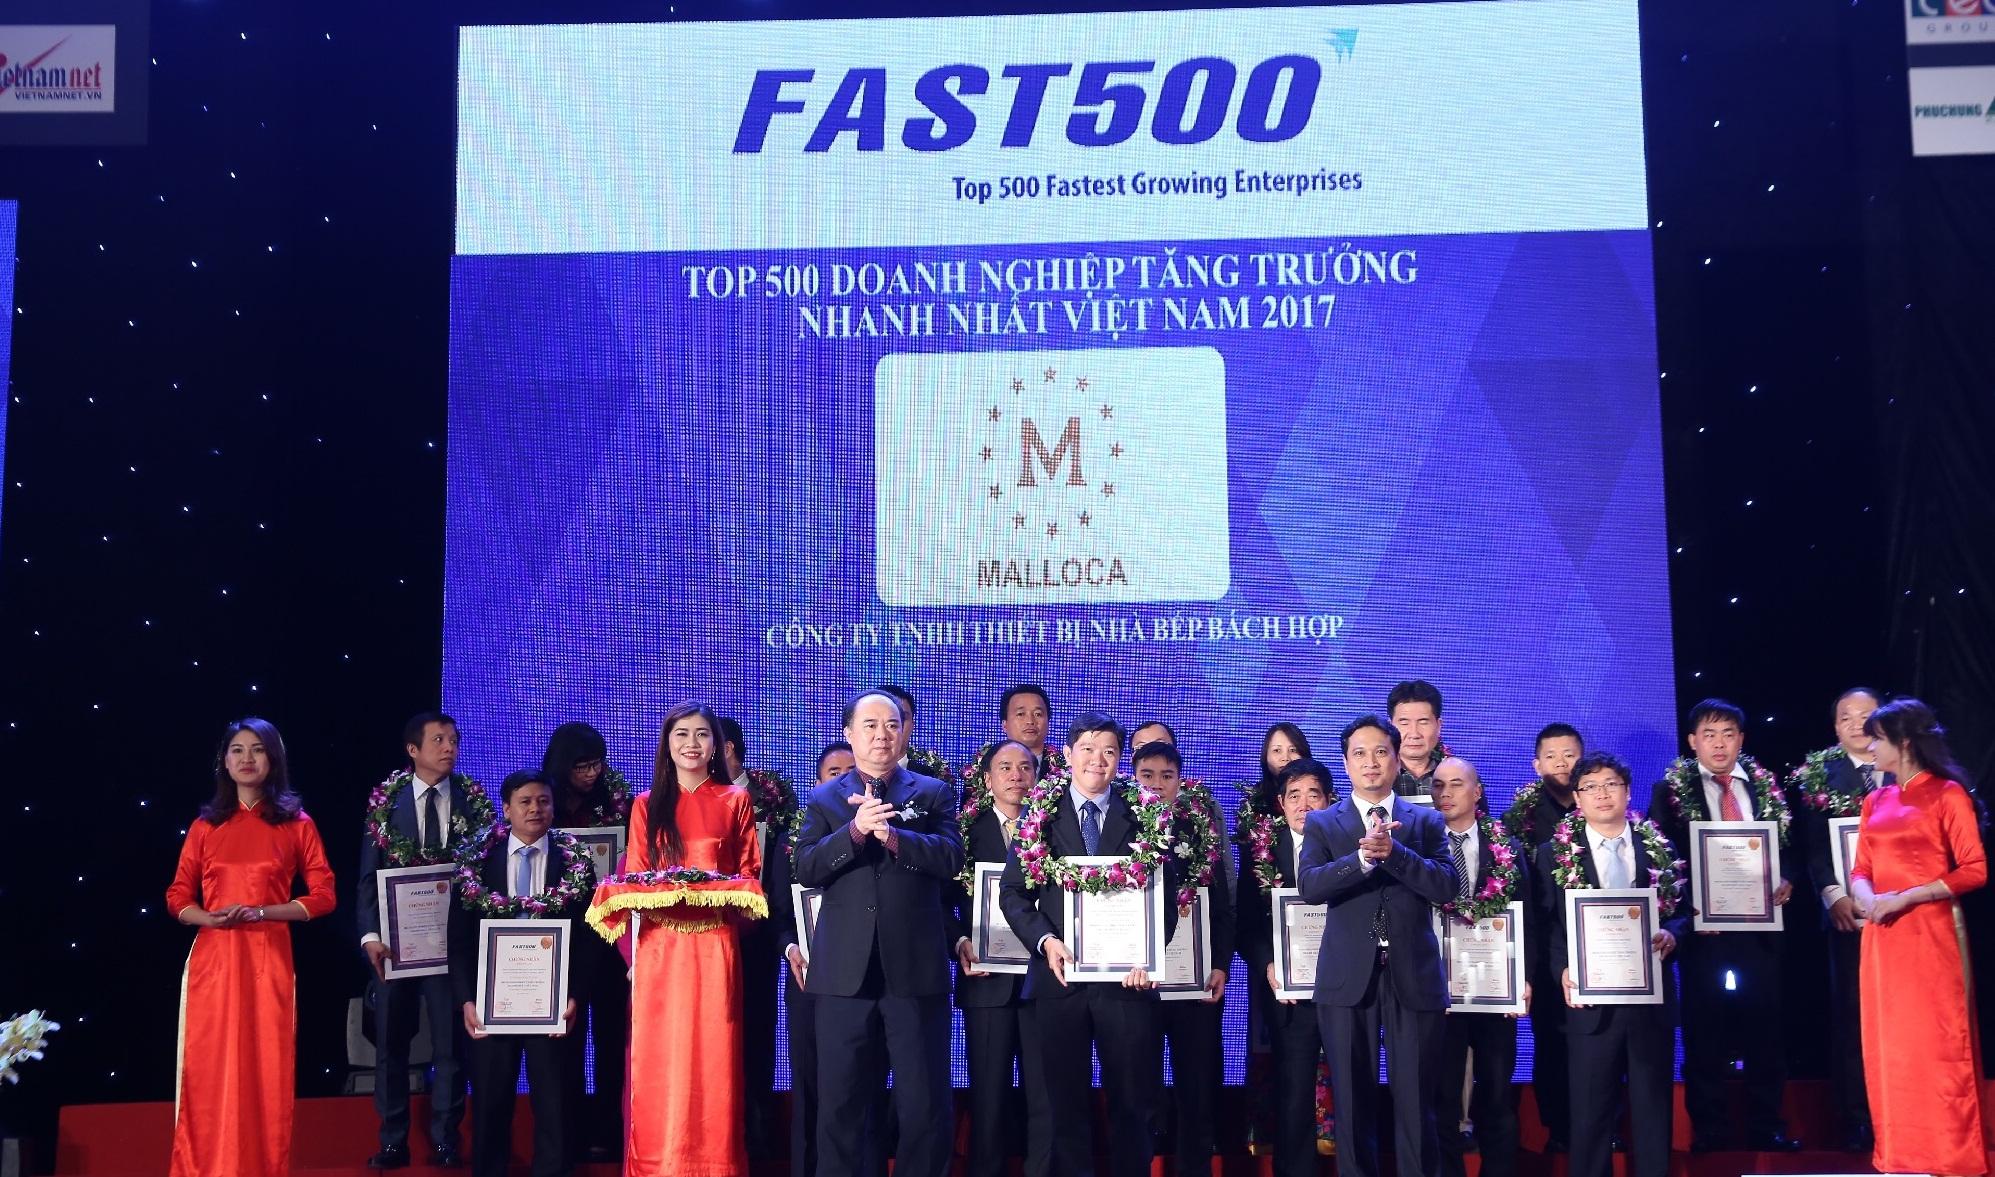 Thiết bị nhà bếp Malloca ghi danh trong bảng xếp hạng Fast 500 năm 2017